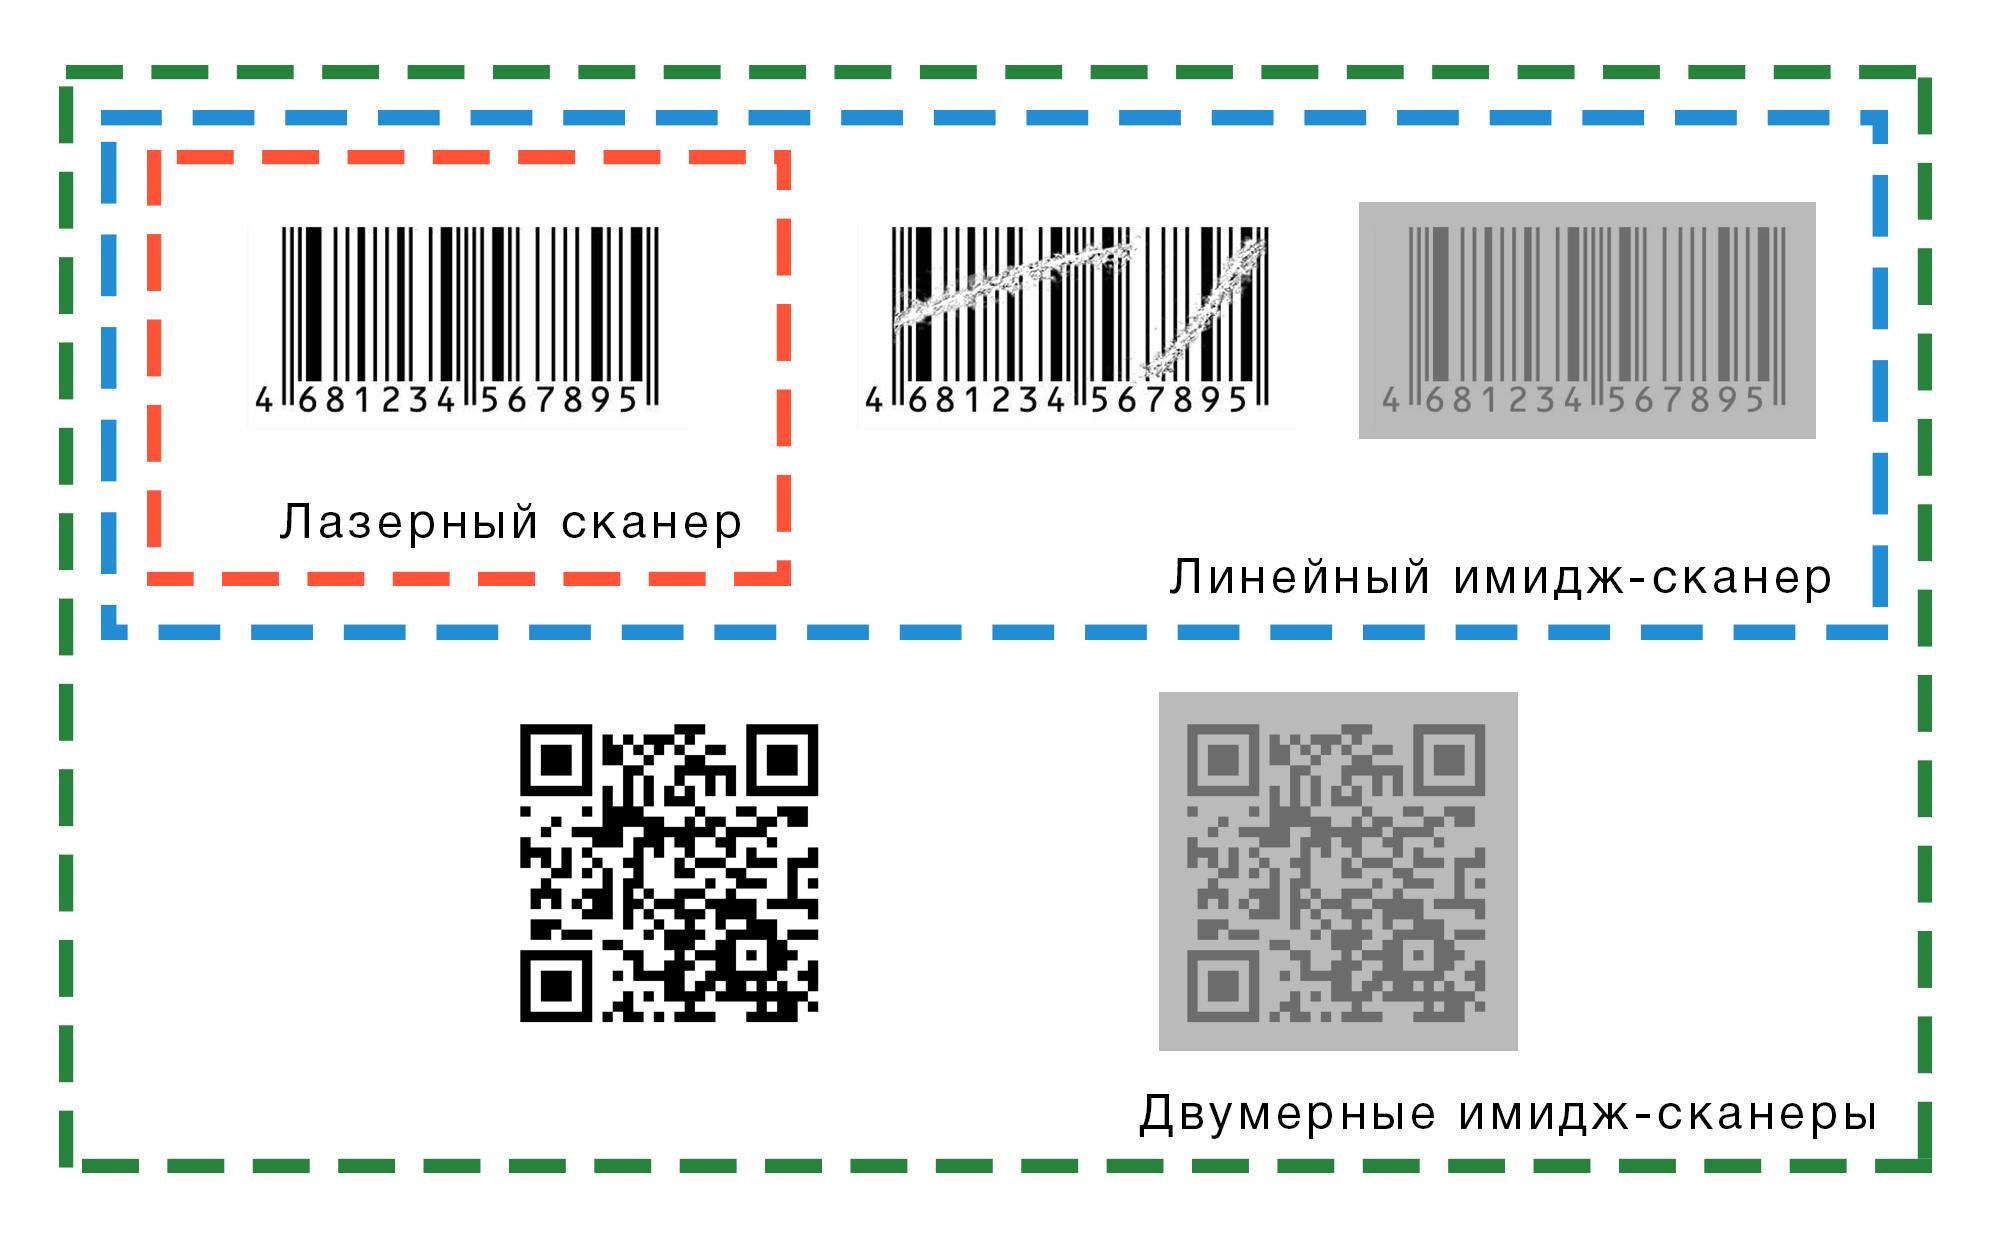 Центр штрихового кодирования гексагон